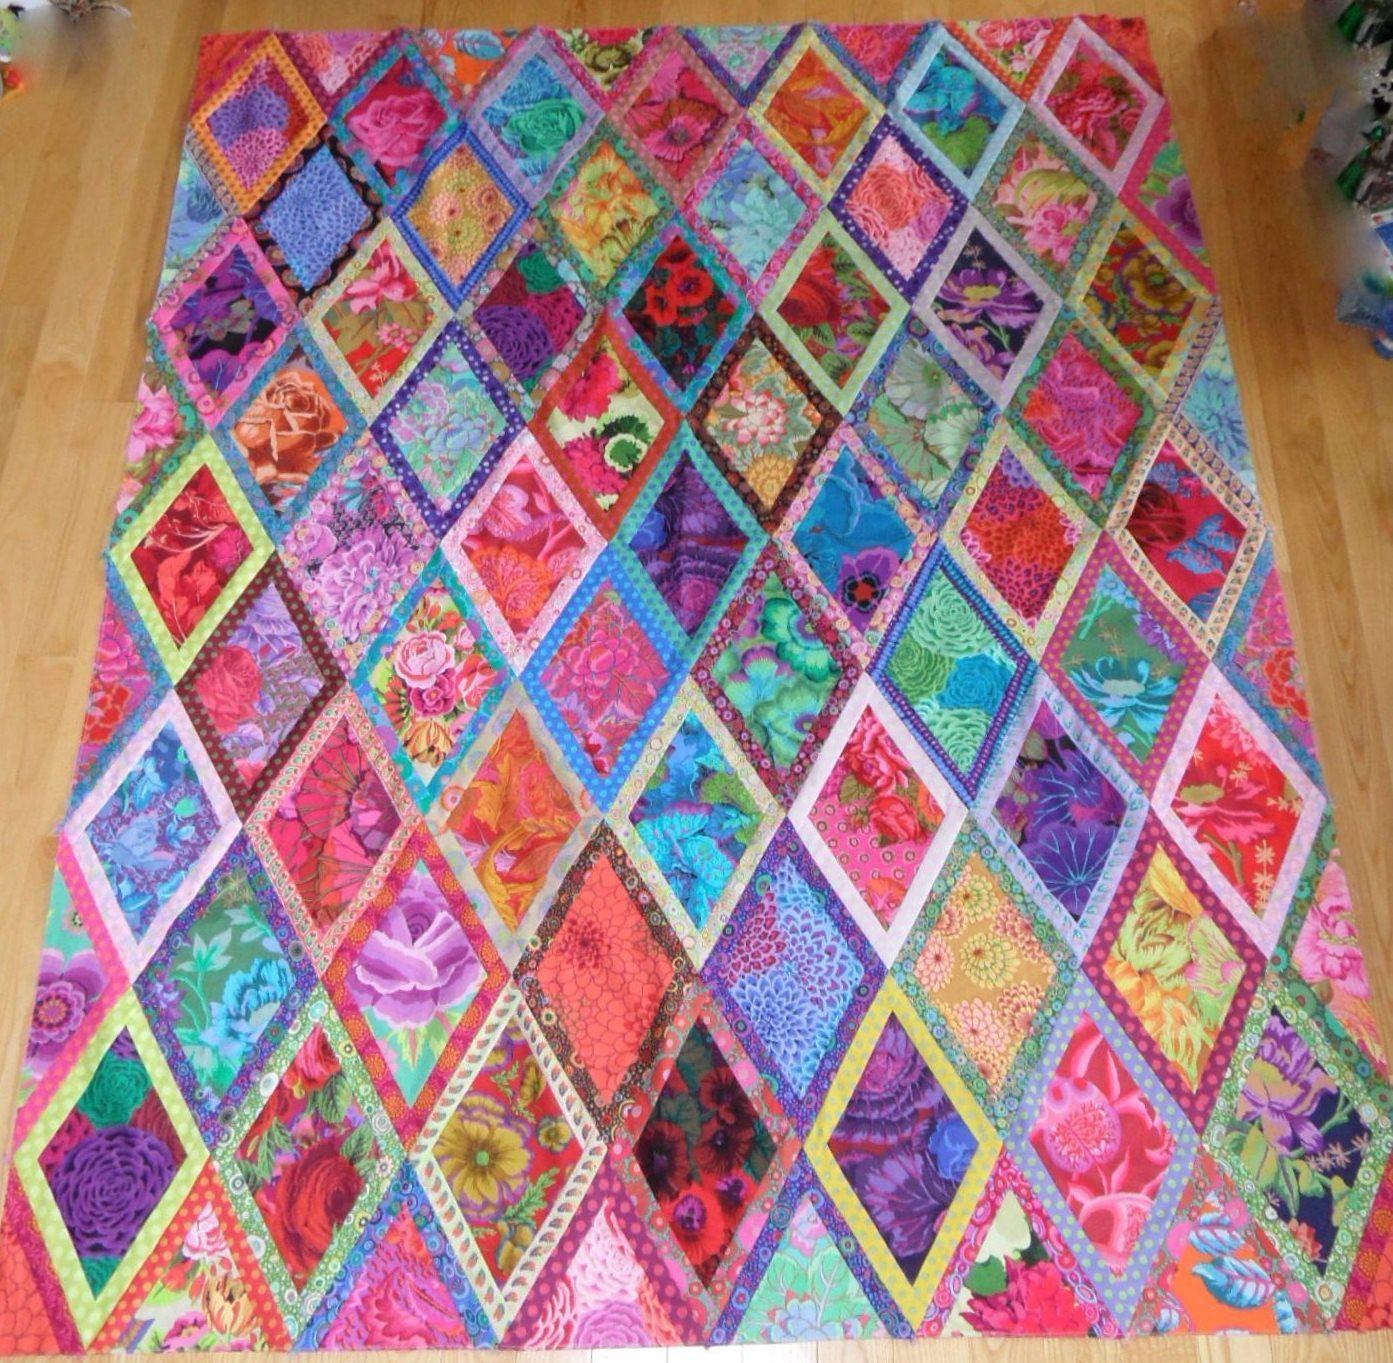 Quilt Patterns for Beginners   Kaffe Fassett Bordered Diamonds ... : kaffe fassett quilt kit - Adamdwight.com